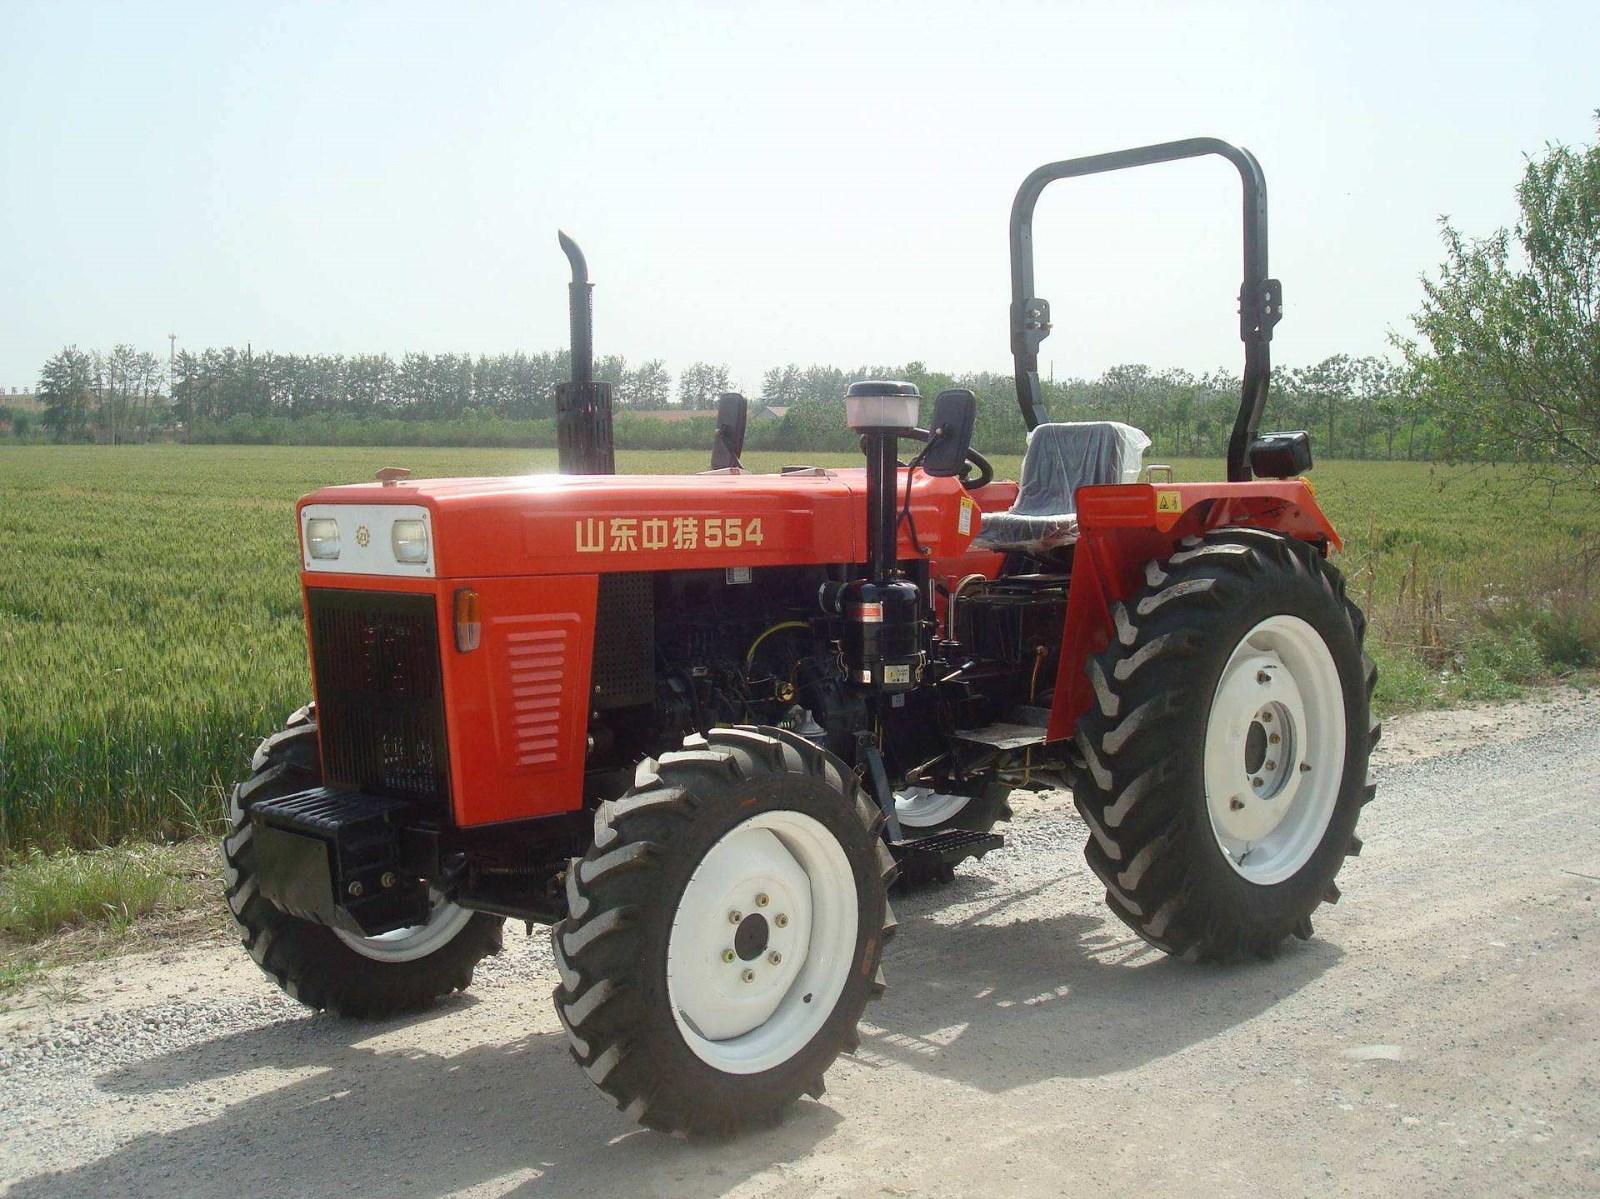 宁波市2018-2020年农业机械购置补贴实施意见的通知